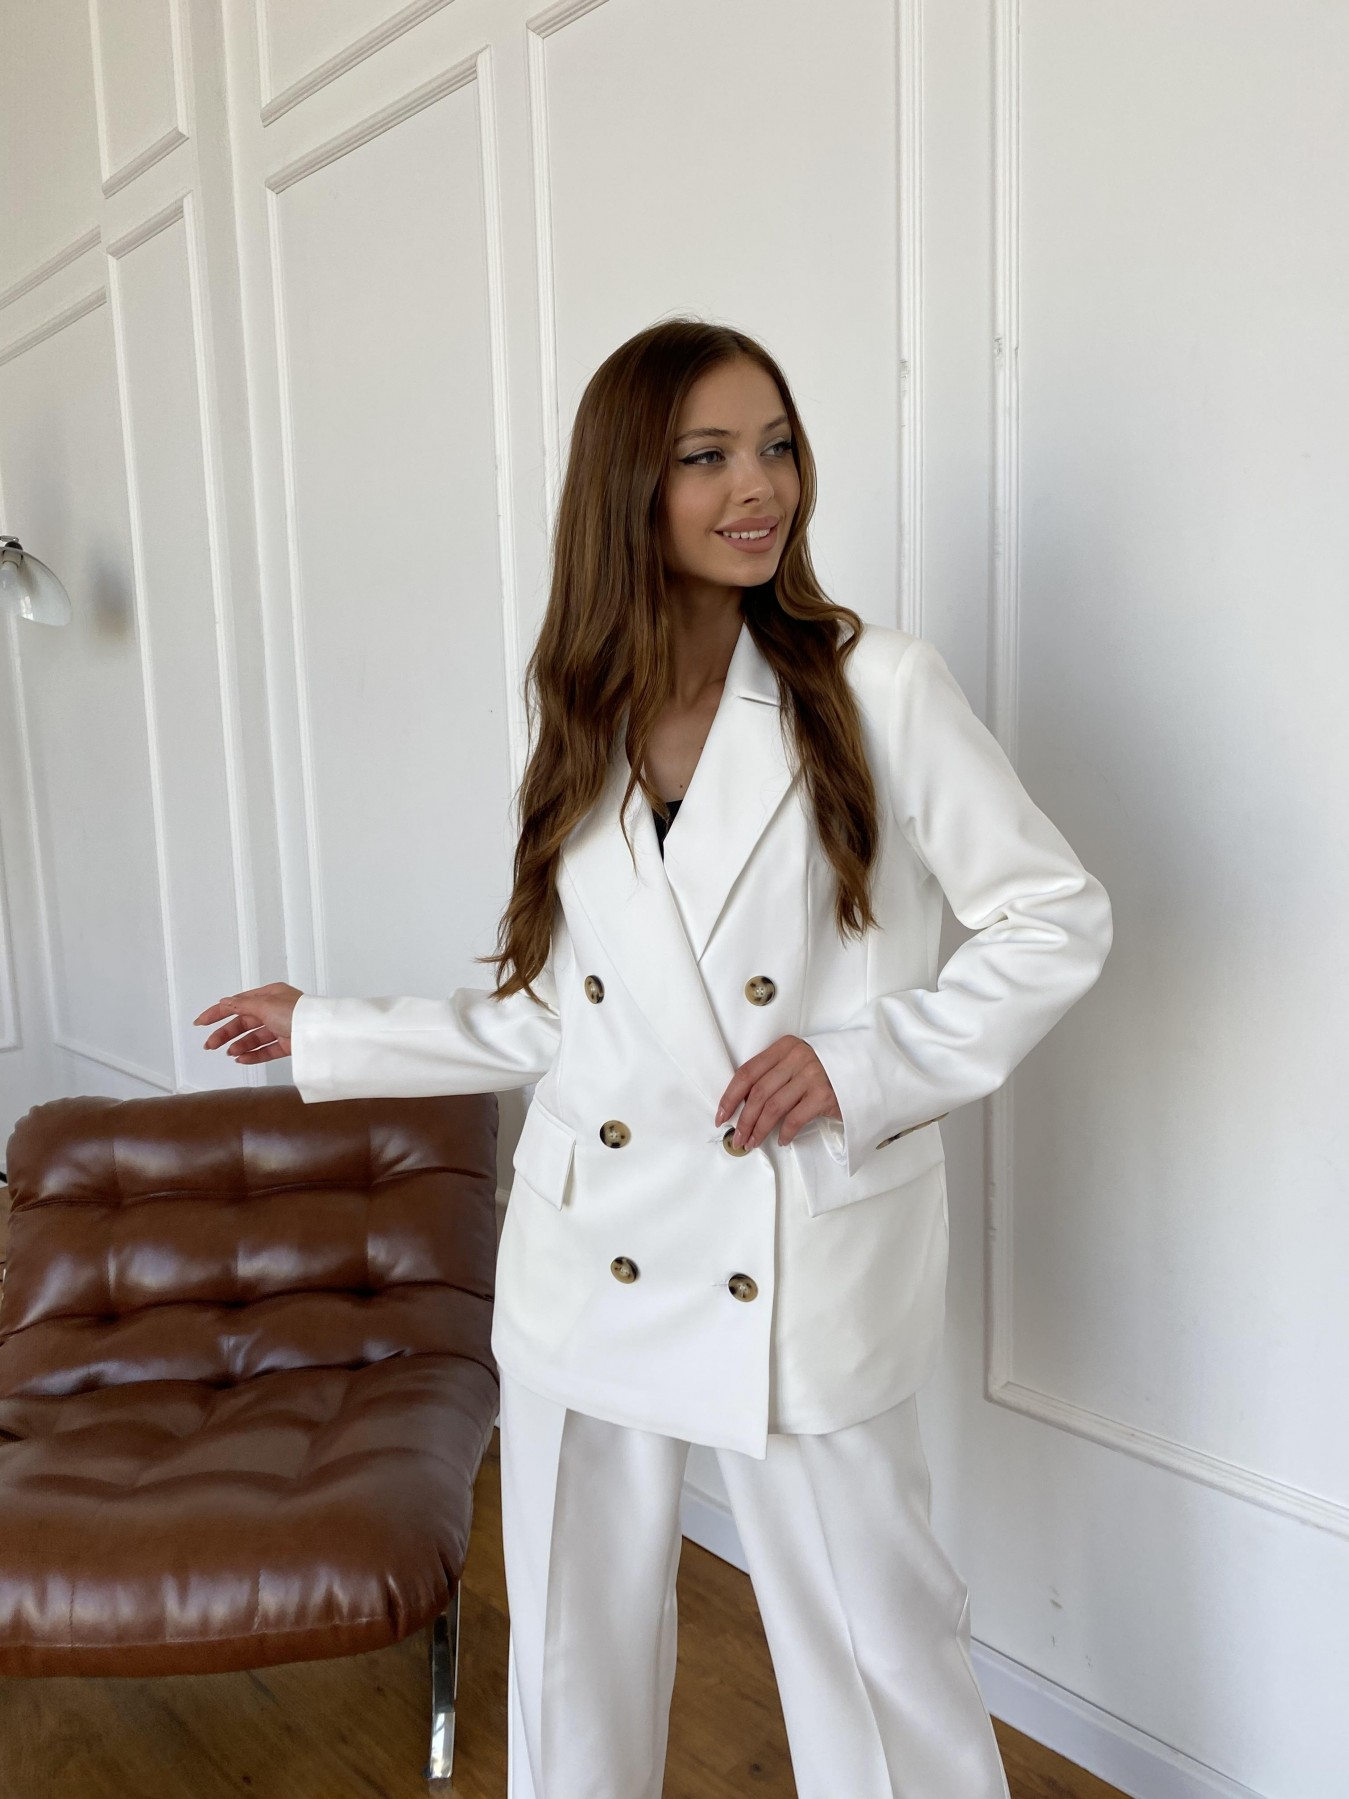 Белисимо  костюм стрейч из костюмной ткани 11217 АРТ. 47899 Цвет: Молоко 1 - фото 6, интернет магазин tm-modus.ru